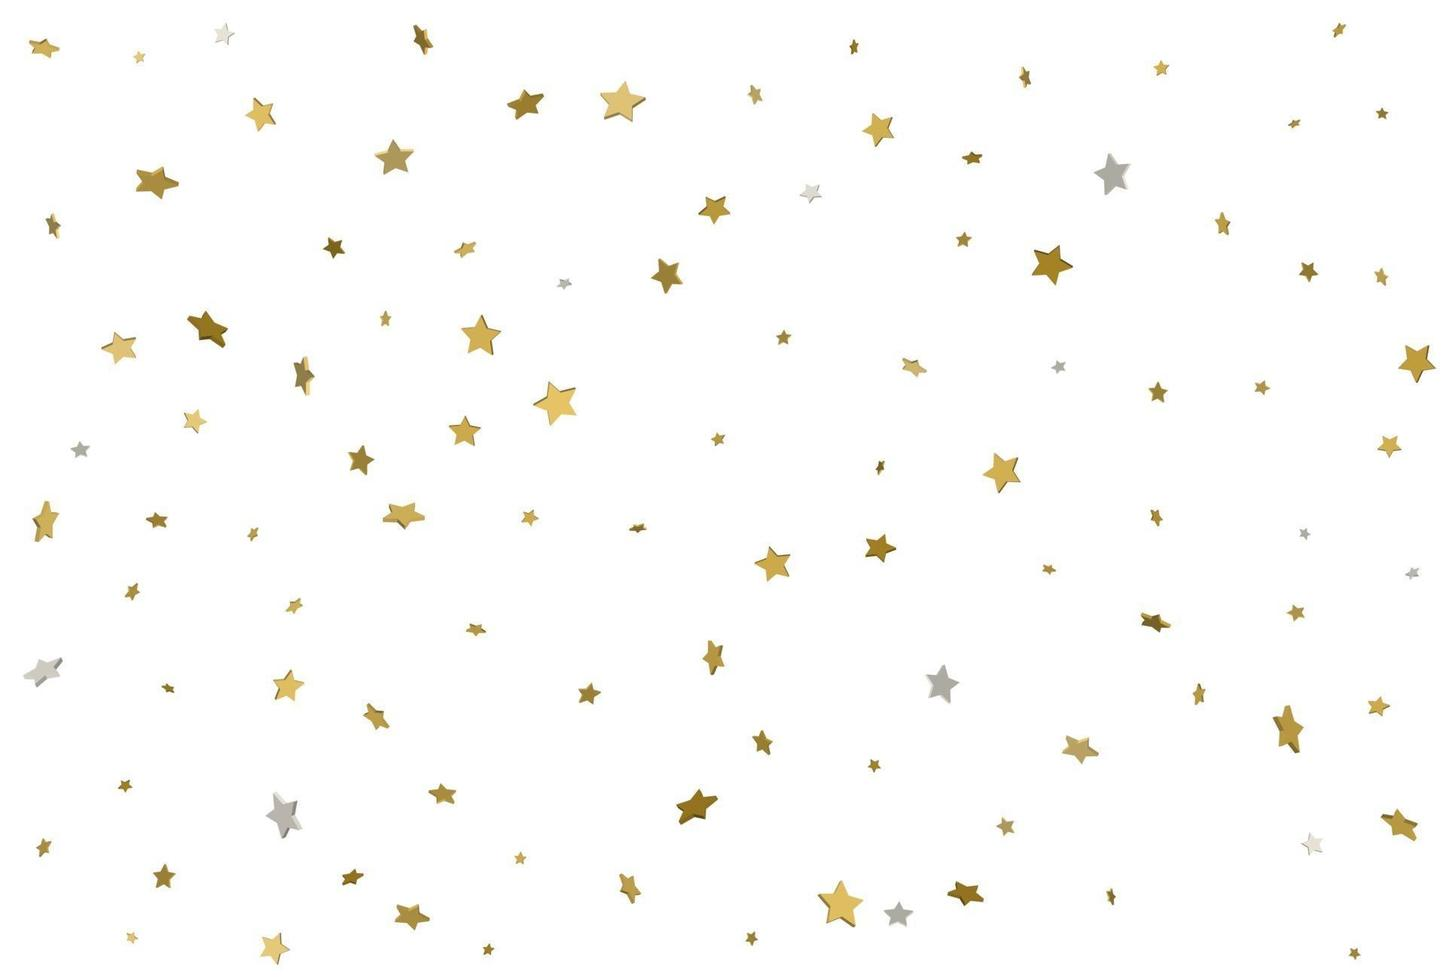 fundo estrela de ouro. Confetes de estrelas douradas 3D. vetor